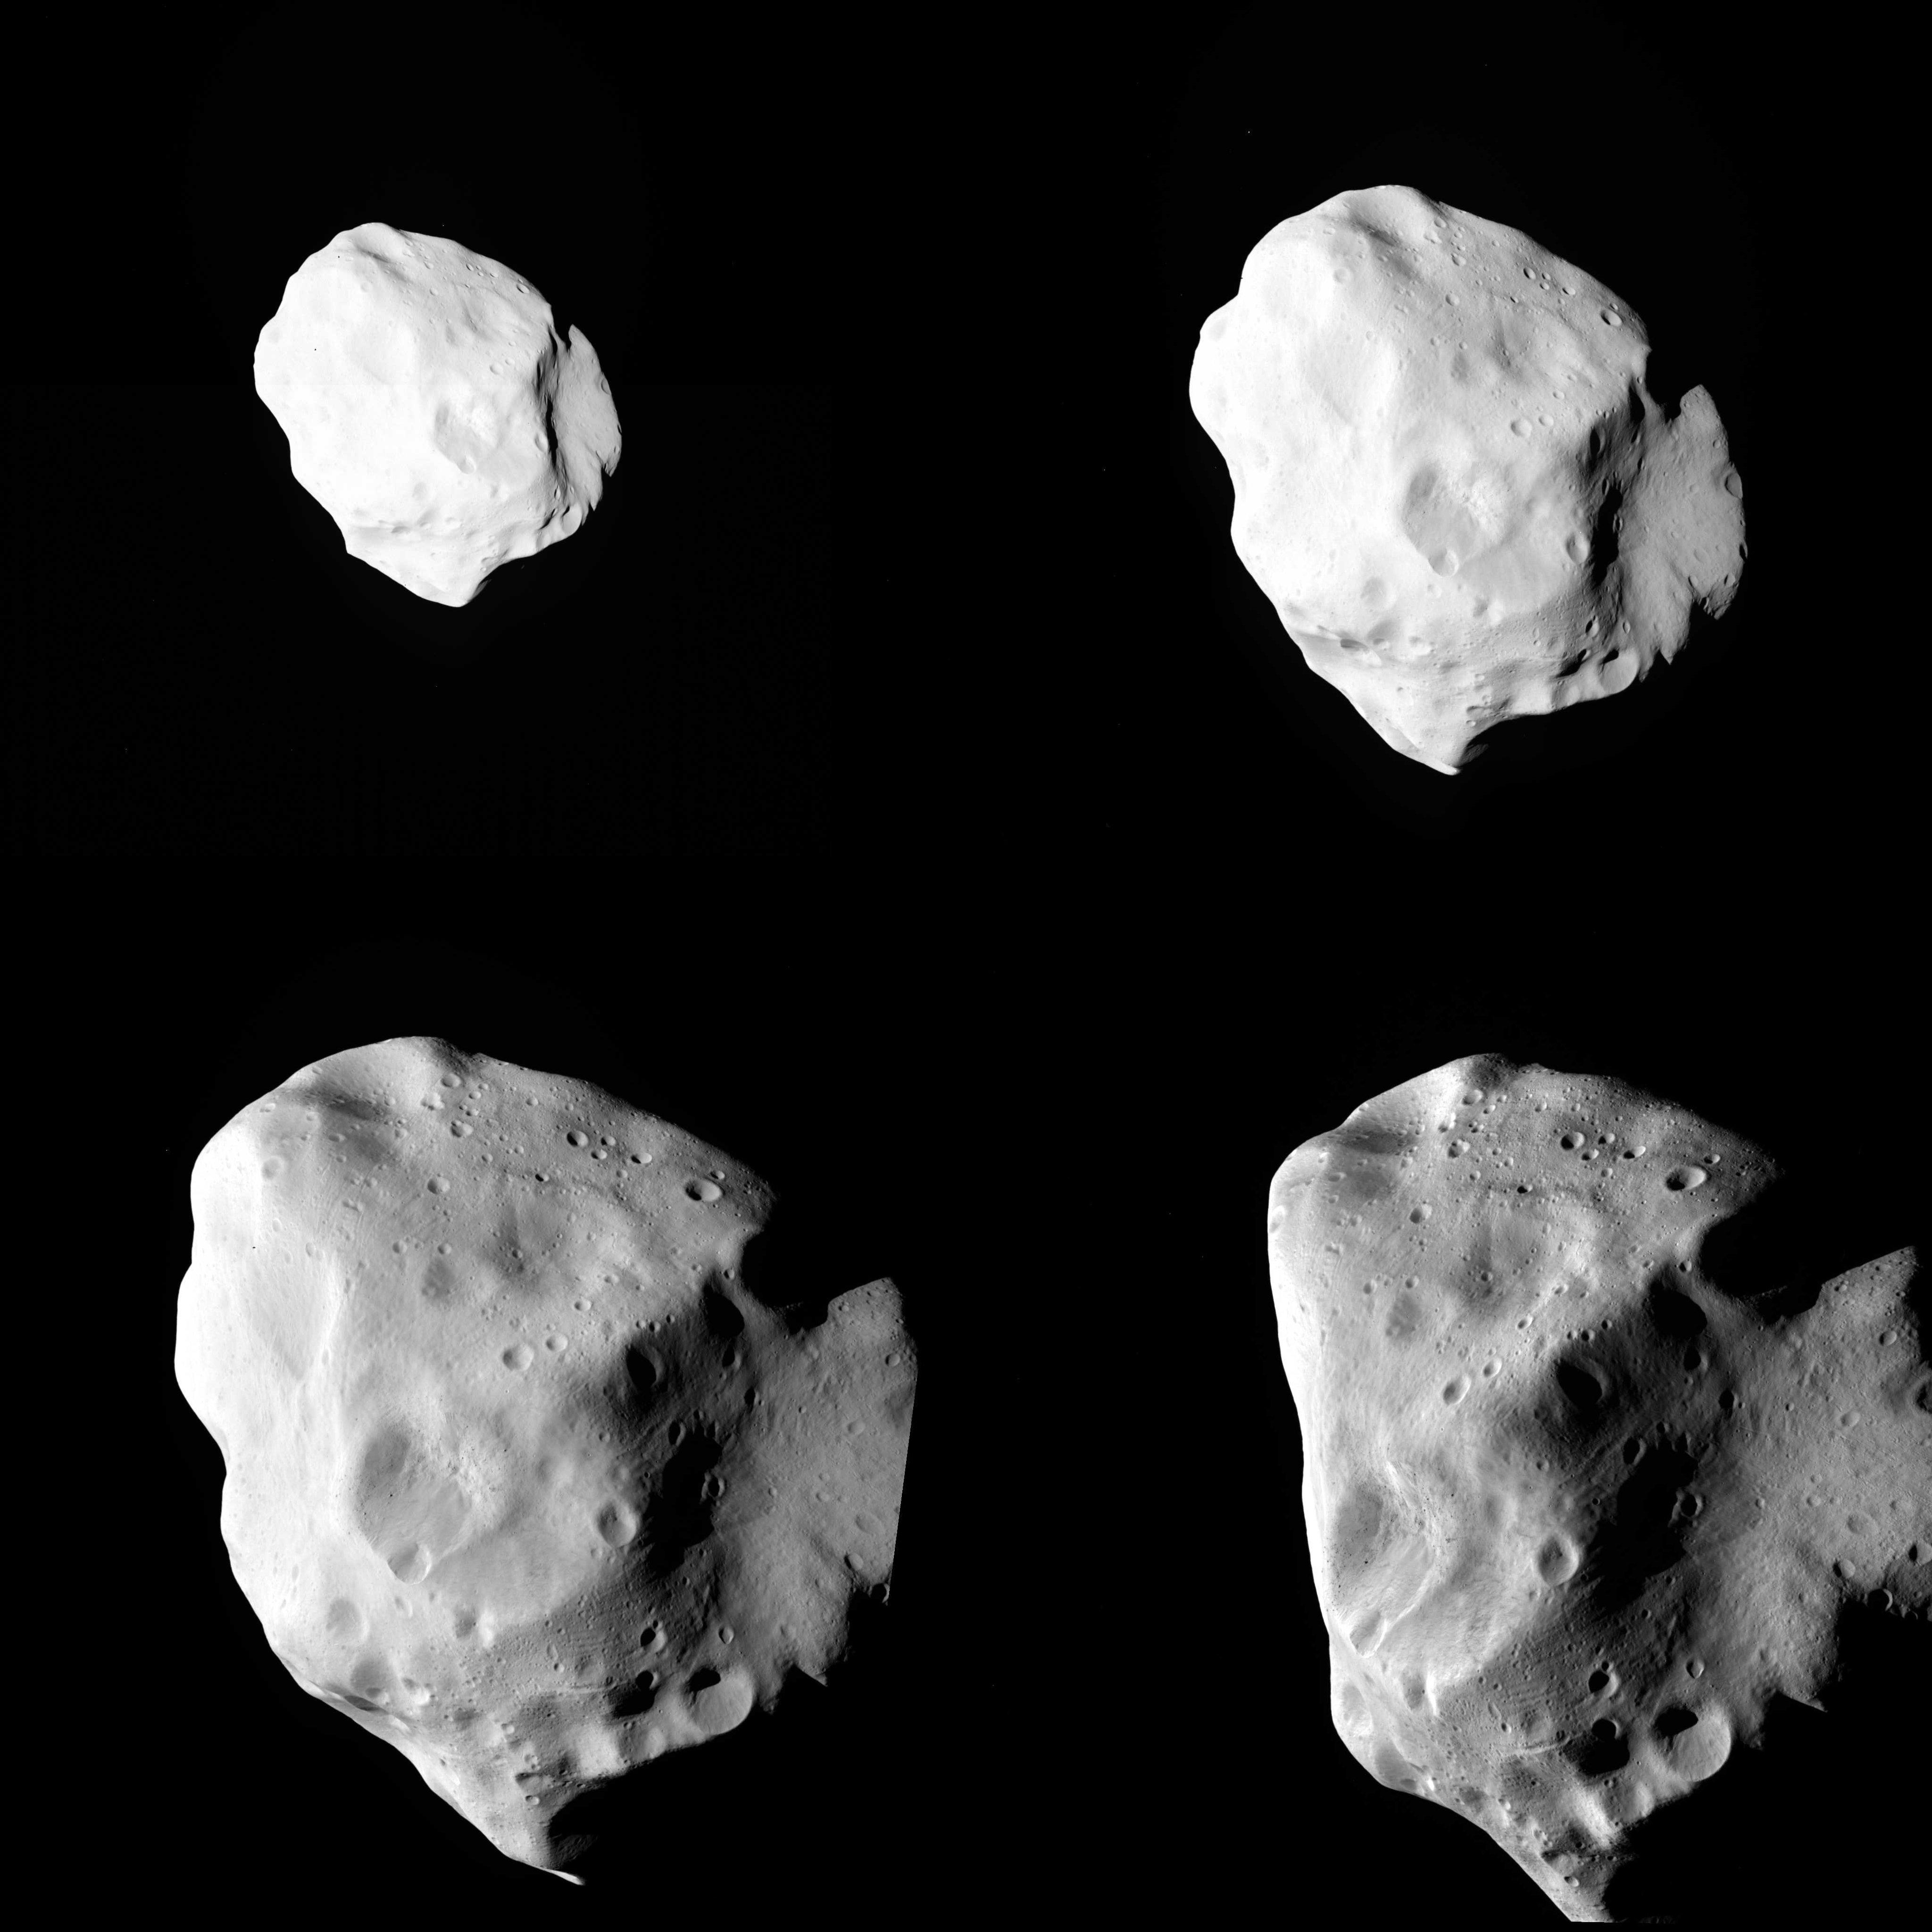 Asteroid_Lutetia